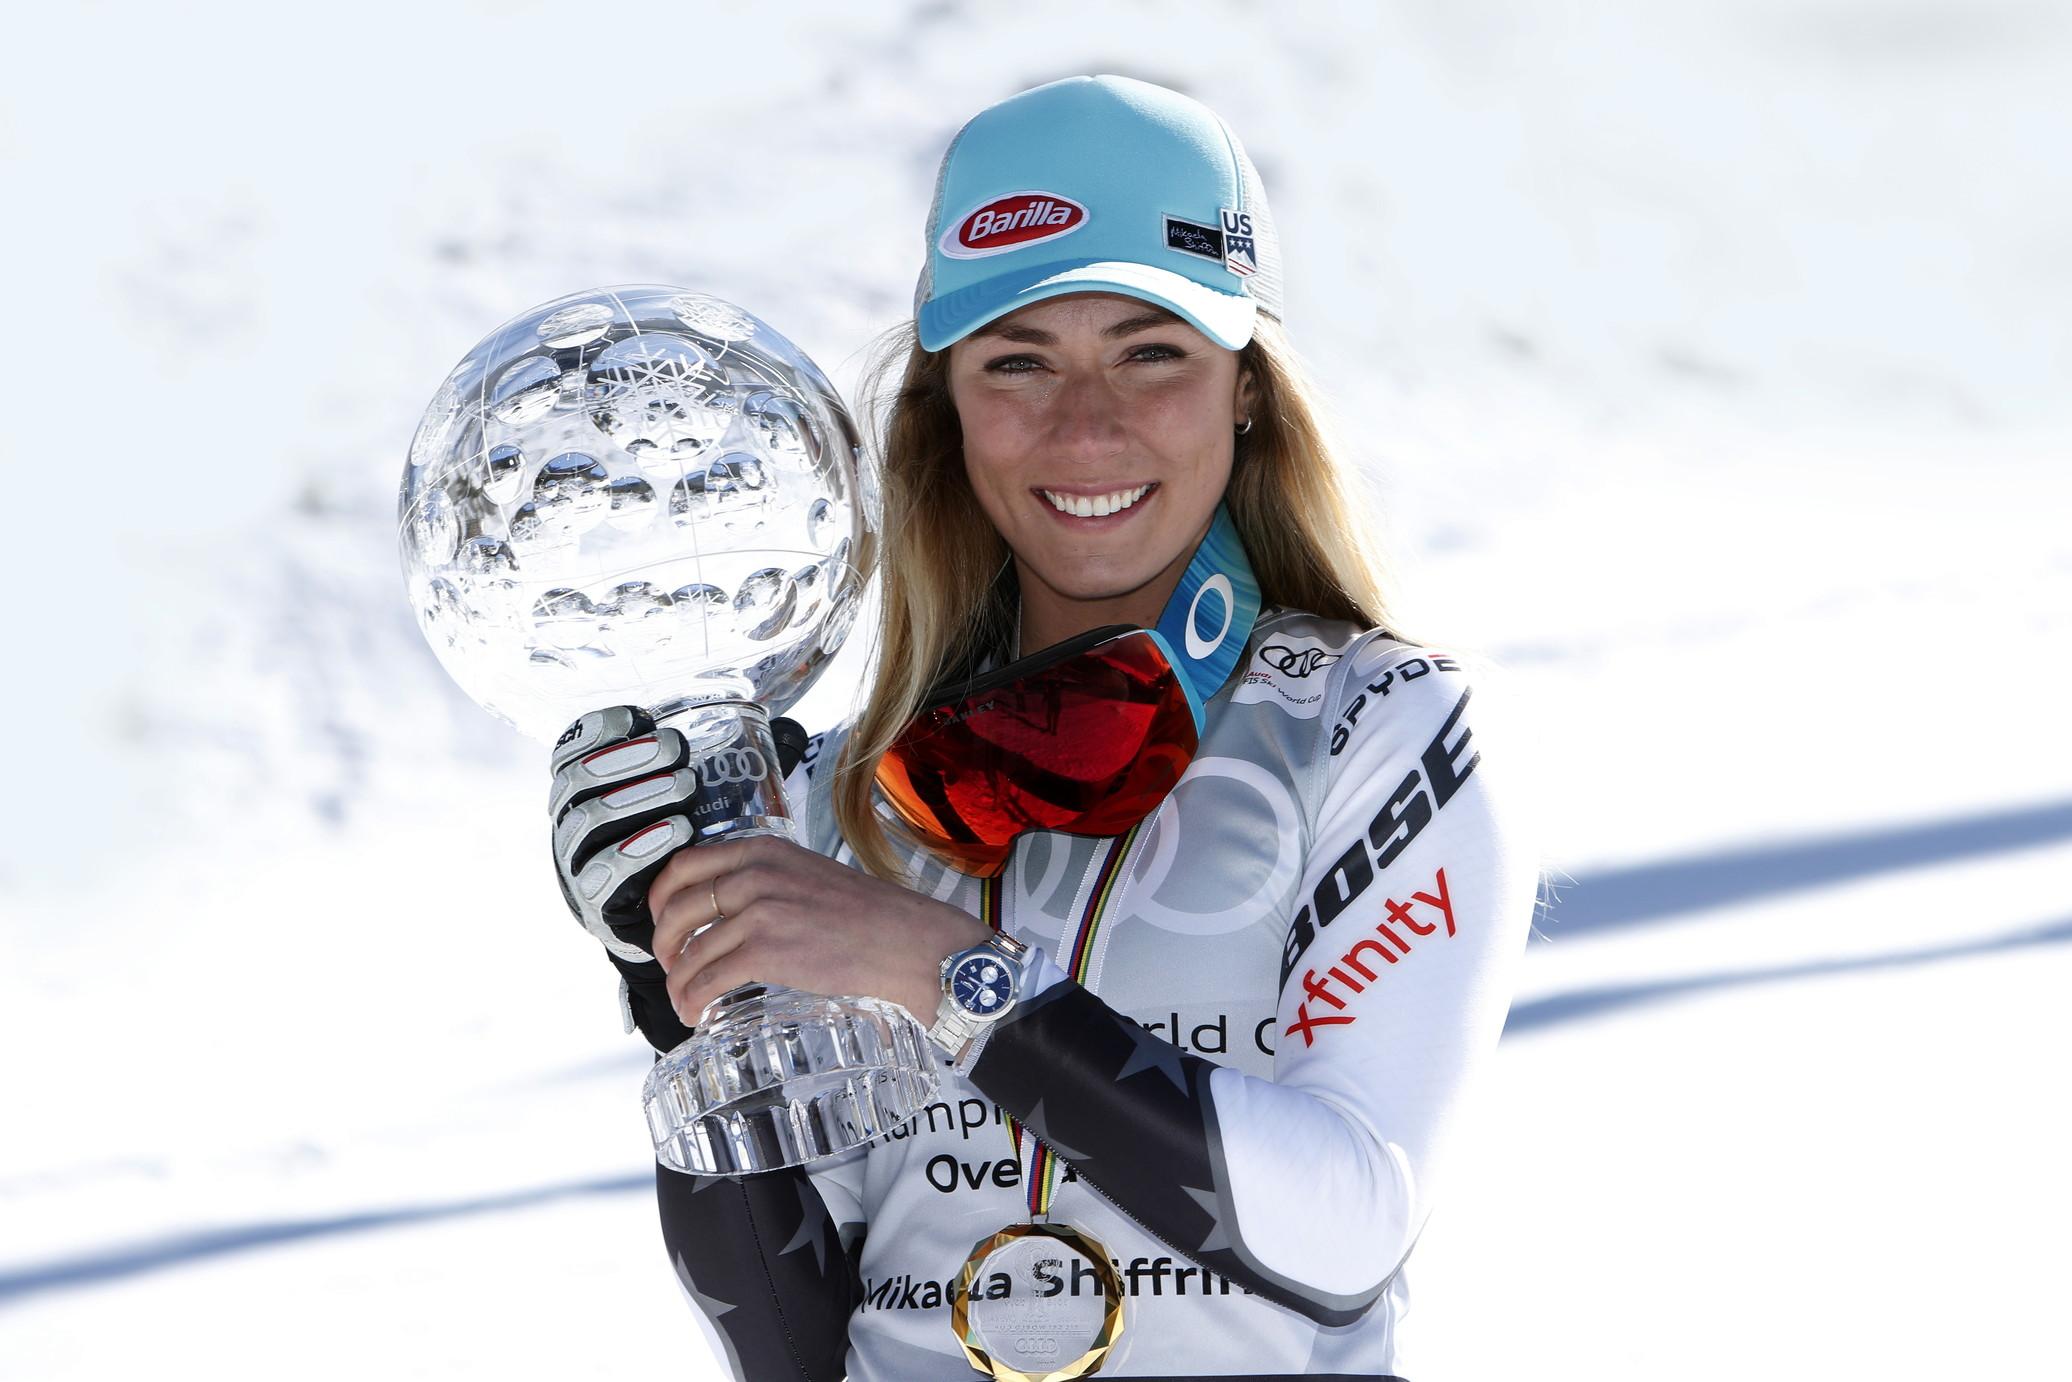 Coppa del Mondo di sci alpino: Mikaela Shiffrin